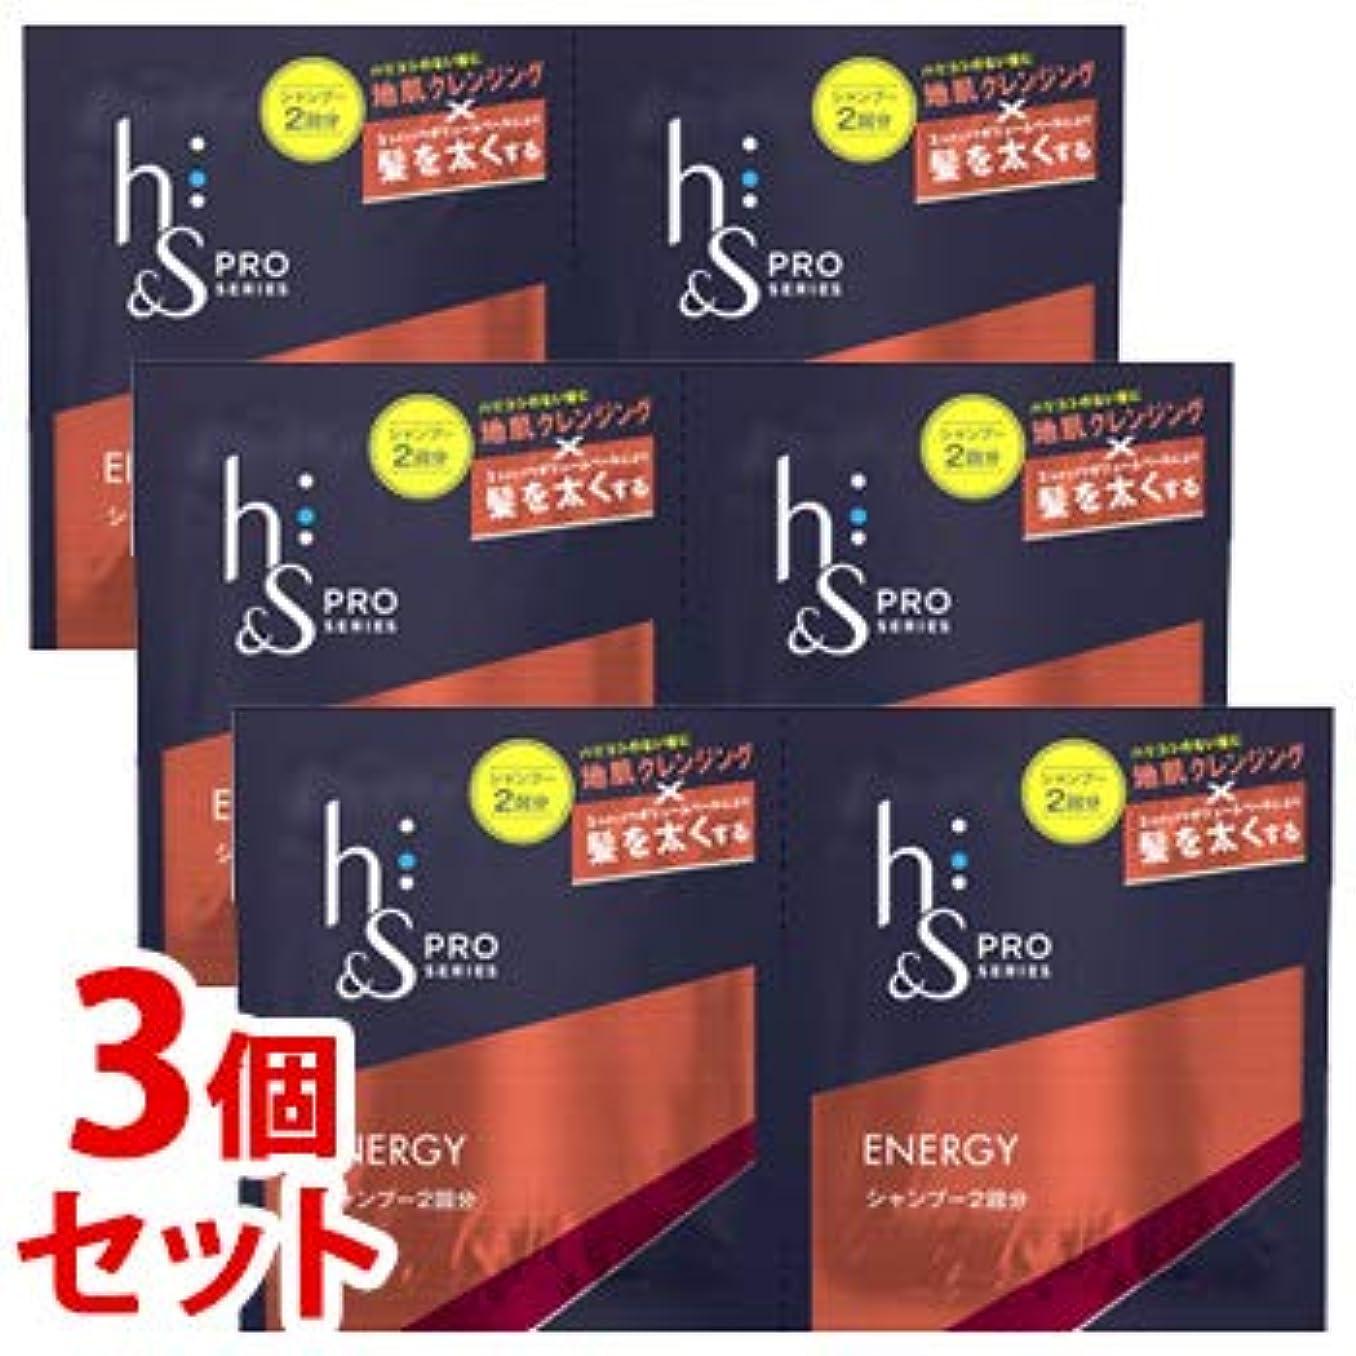 限界ドナウ川心理的《セット販売》 P&G エイチアンドエス h&s フォーメン プロシリーズ エナジー シャンプー トライアルサシェ 2回分 (12mL×2個)×3個セット 【医薬部外品】